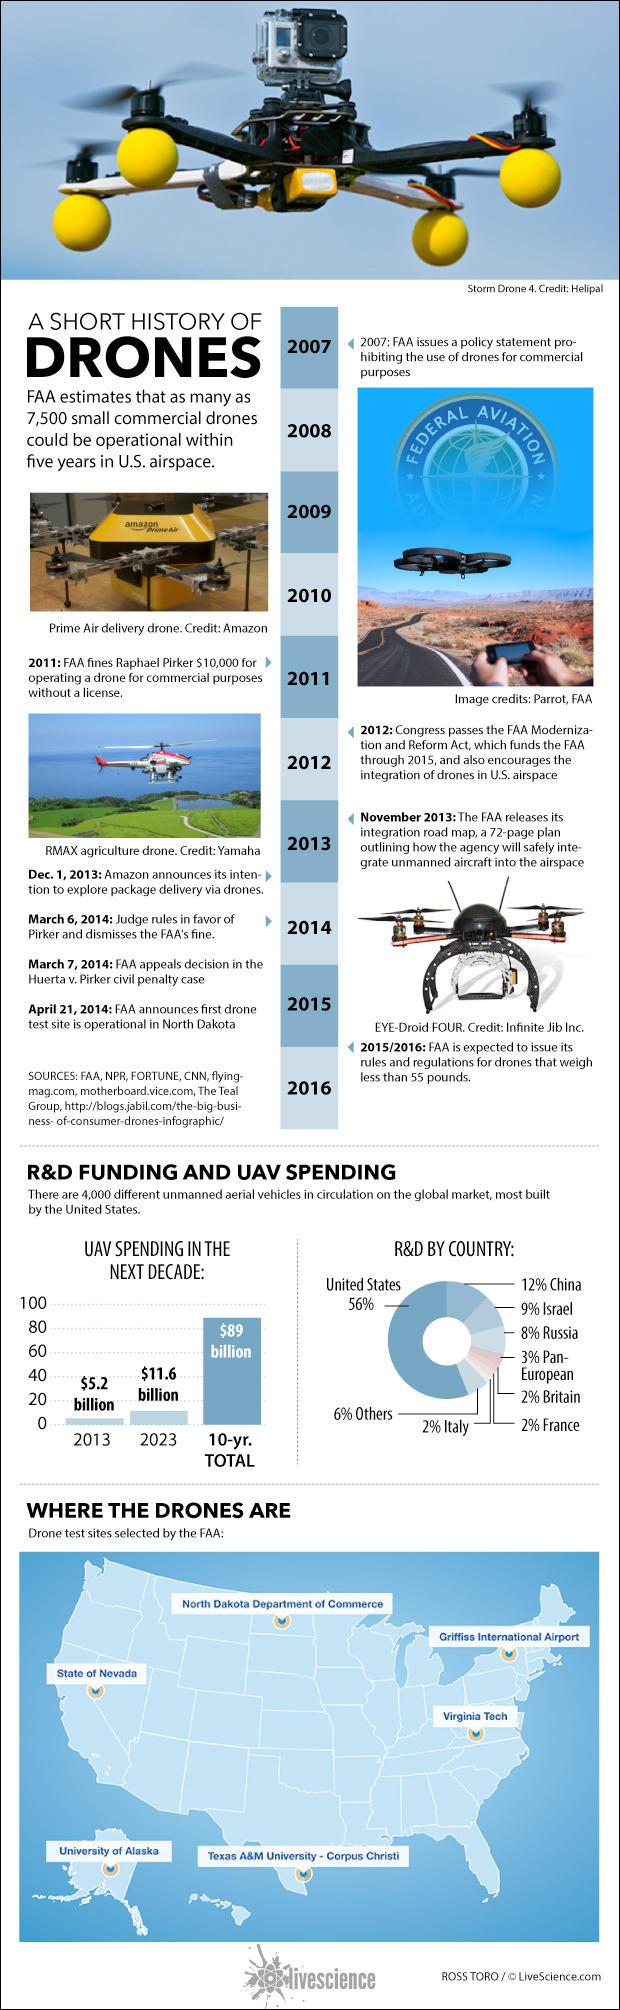 drones-timeline-140429b.jpg